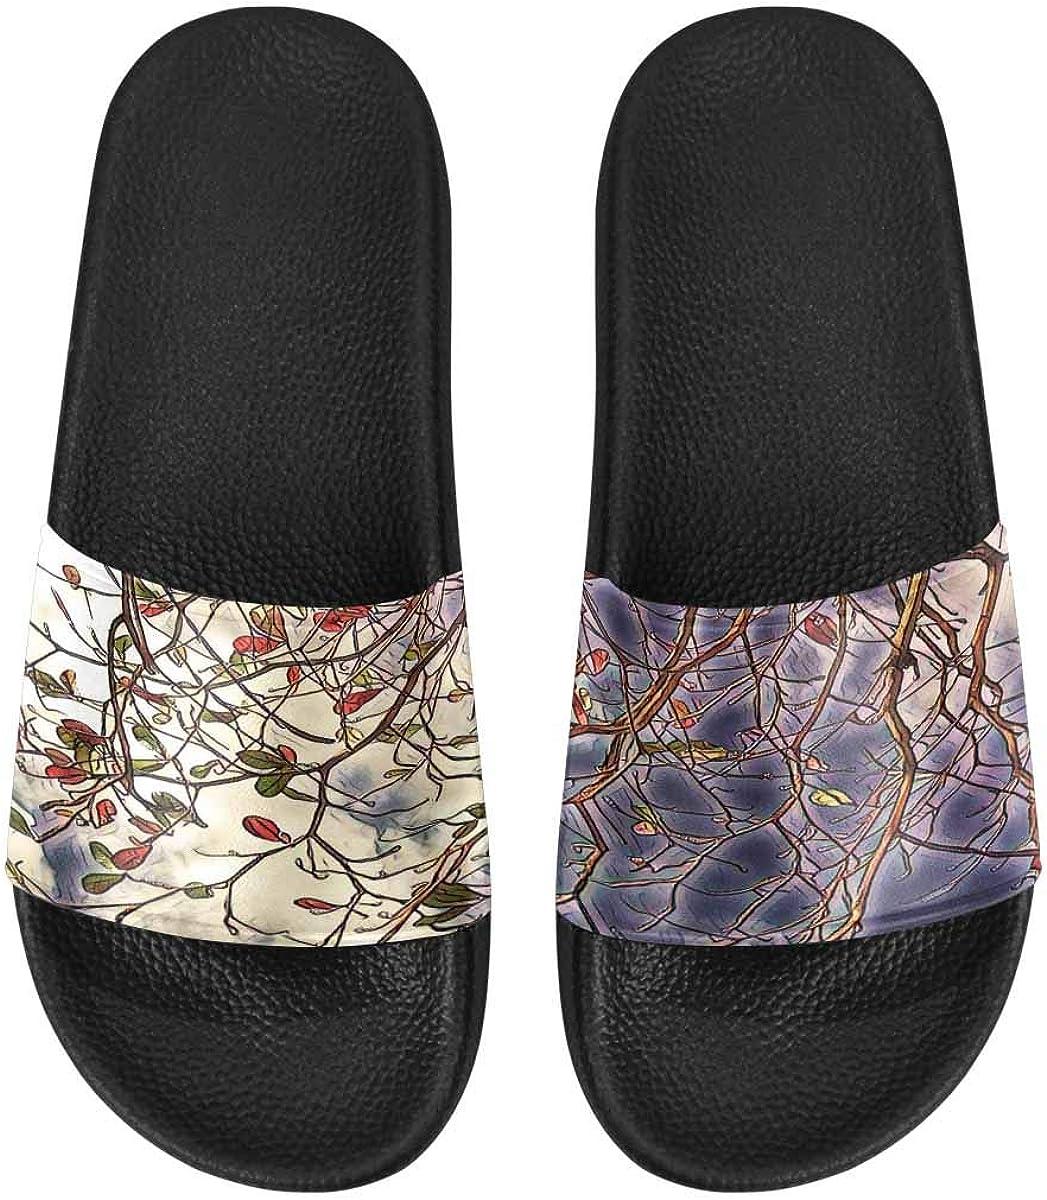 InterestPrint Women's Fashion Sandals with Slip-on Design